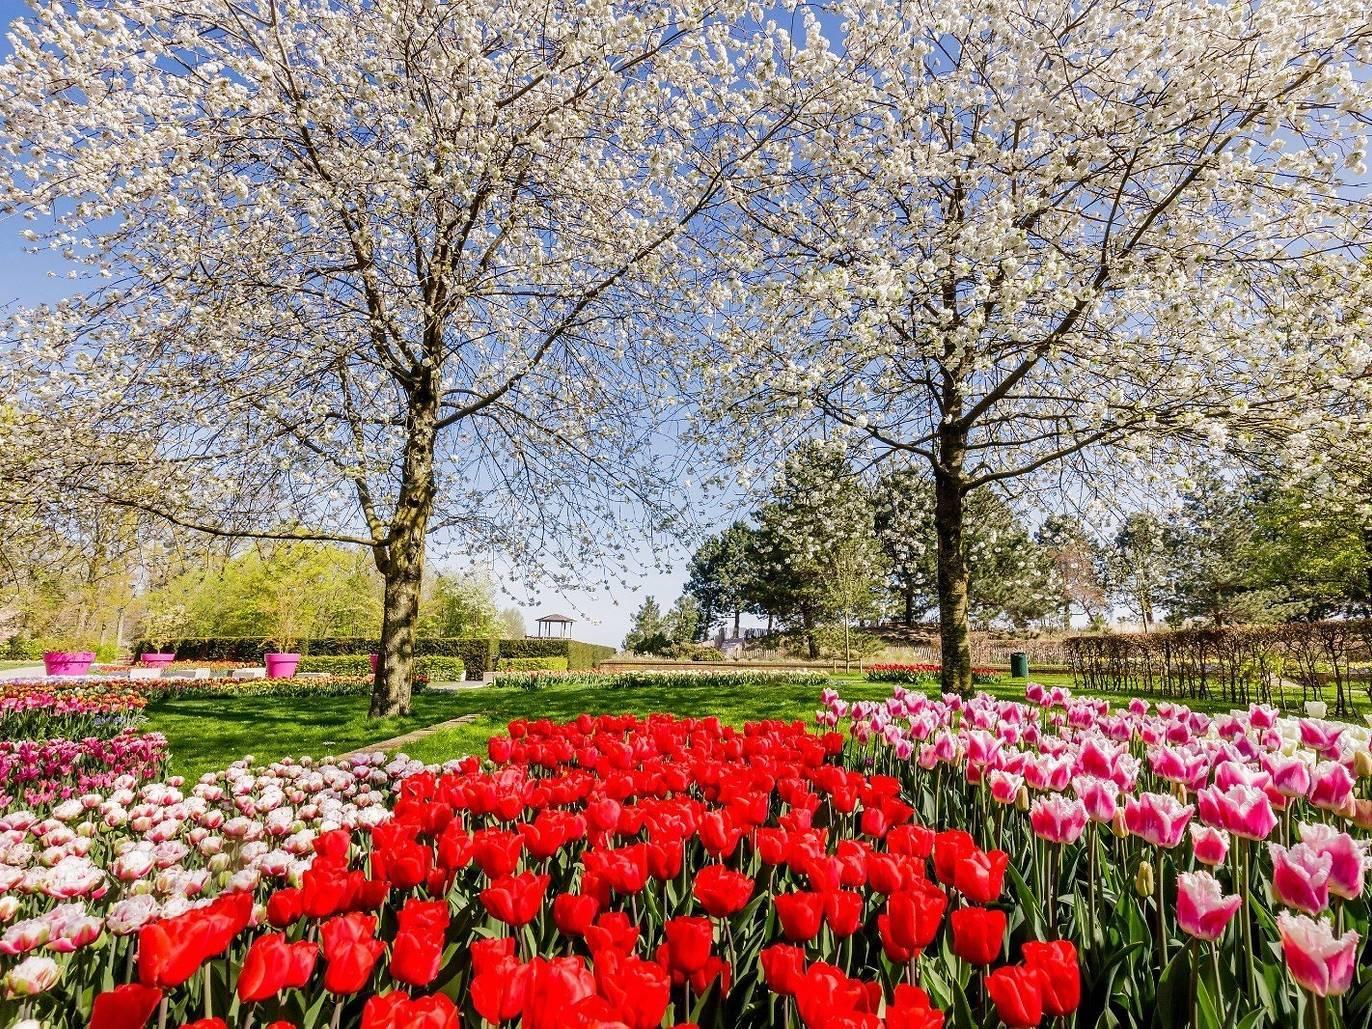 Photo: fb.com/visitkeukenhof